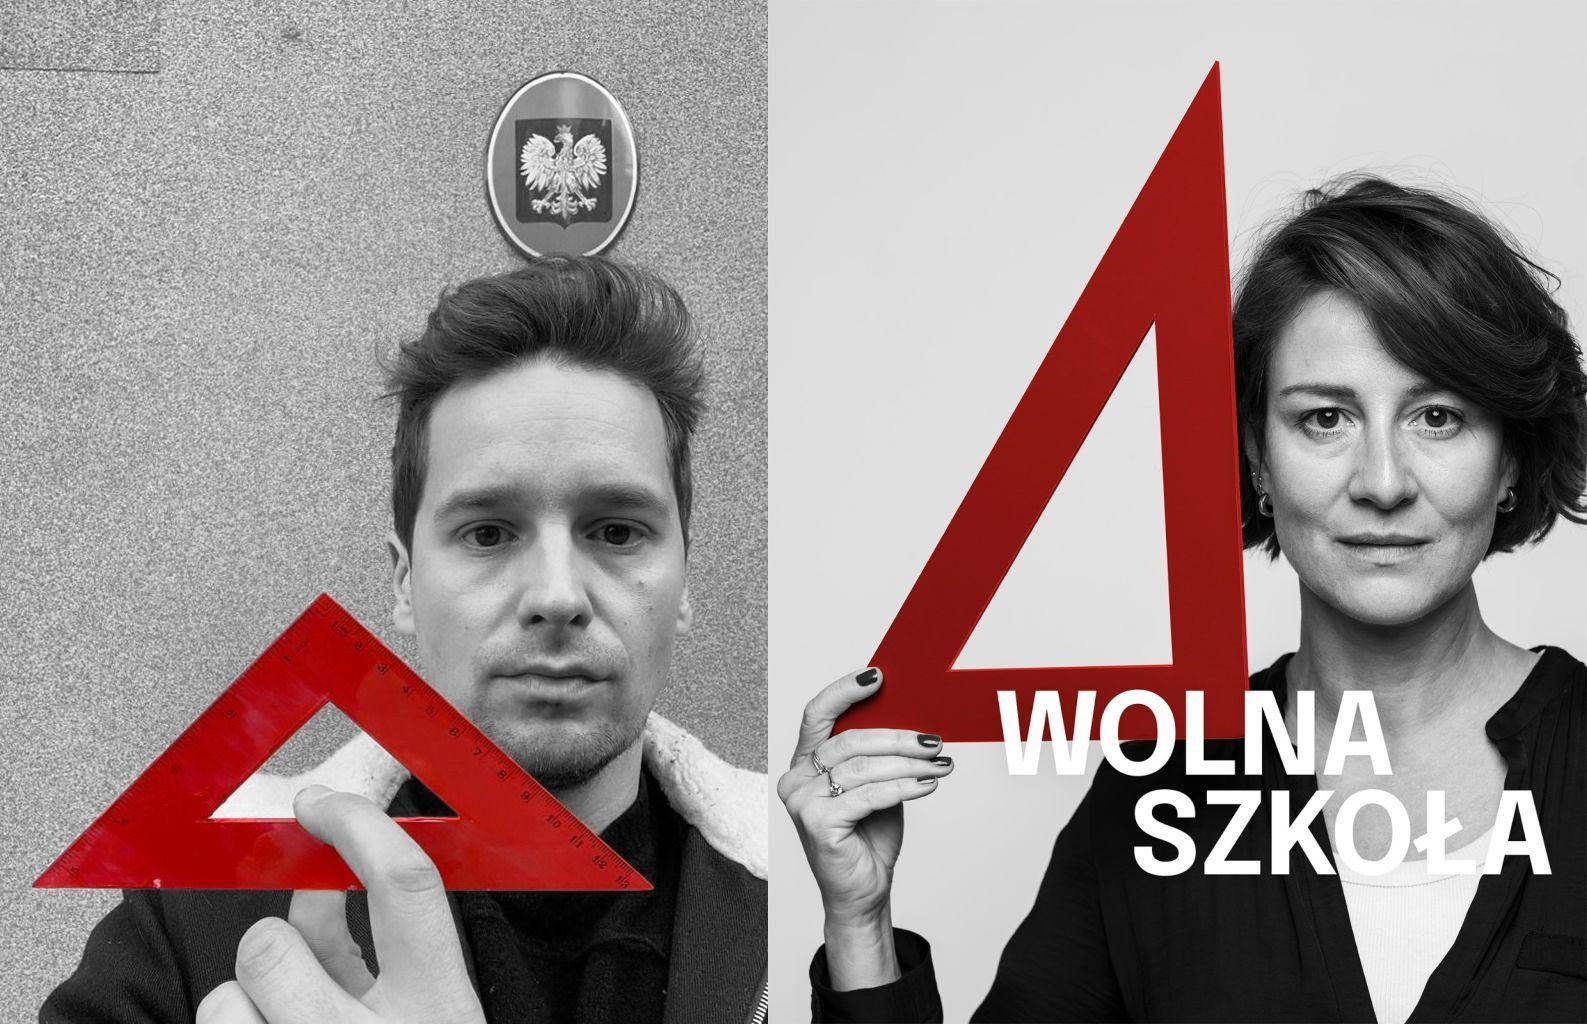 Kampanię Wolna Szkoła wsparli m.in. Krzysztof Zalewski i  Maja Ostaszewska